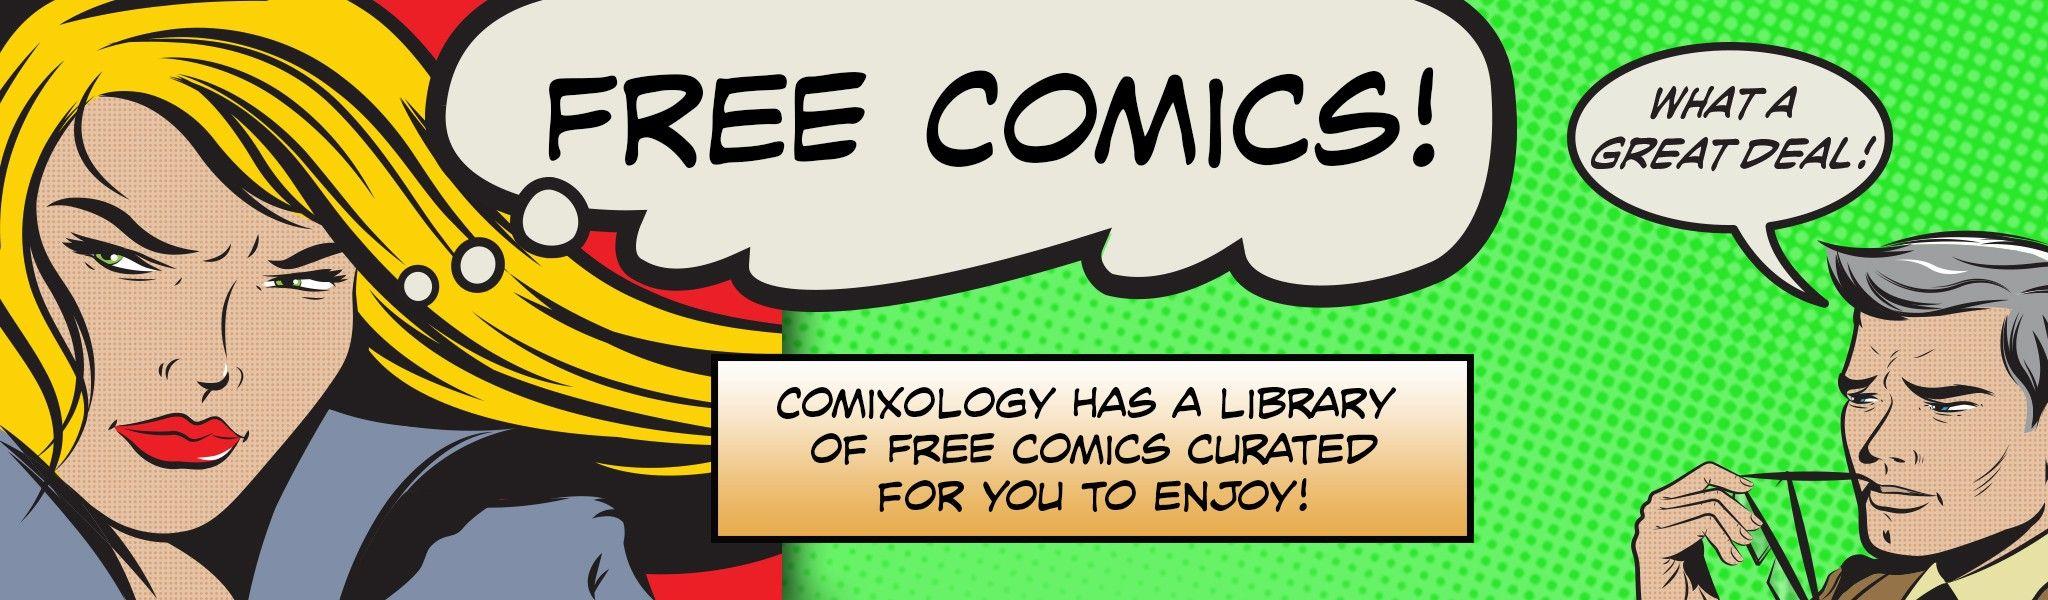 104 komiksów Marvel, DC i inne za DARMO (# Noworoczne od Marvela)